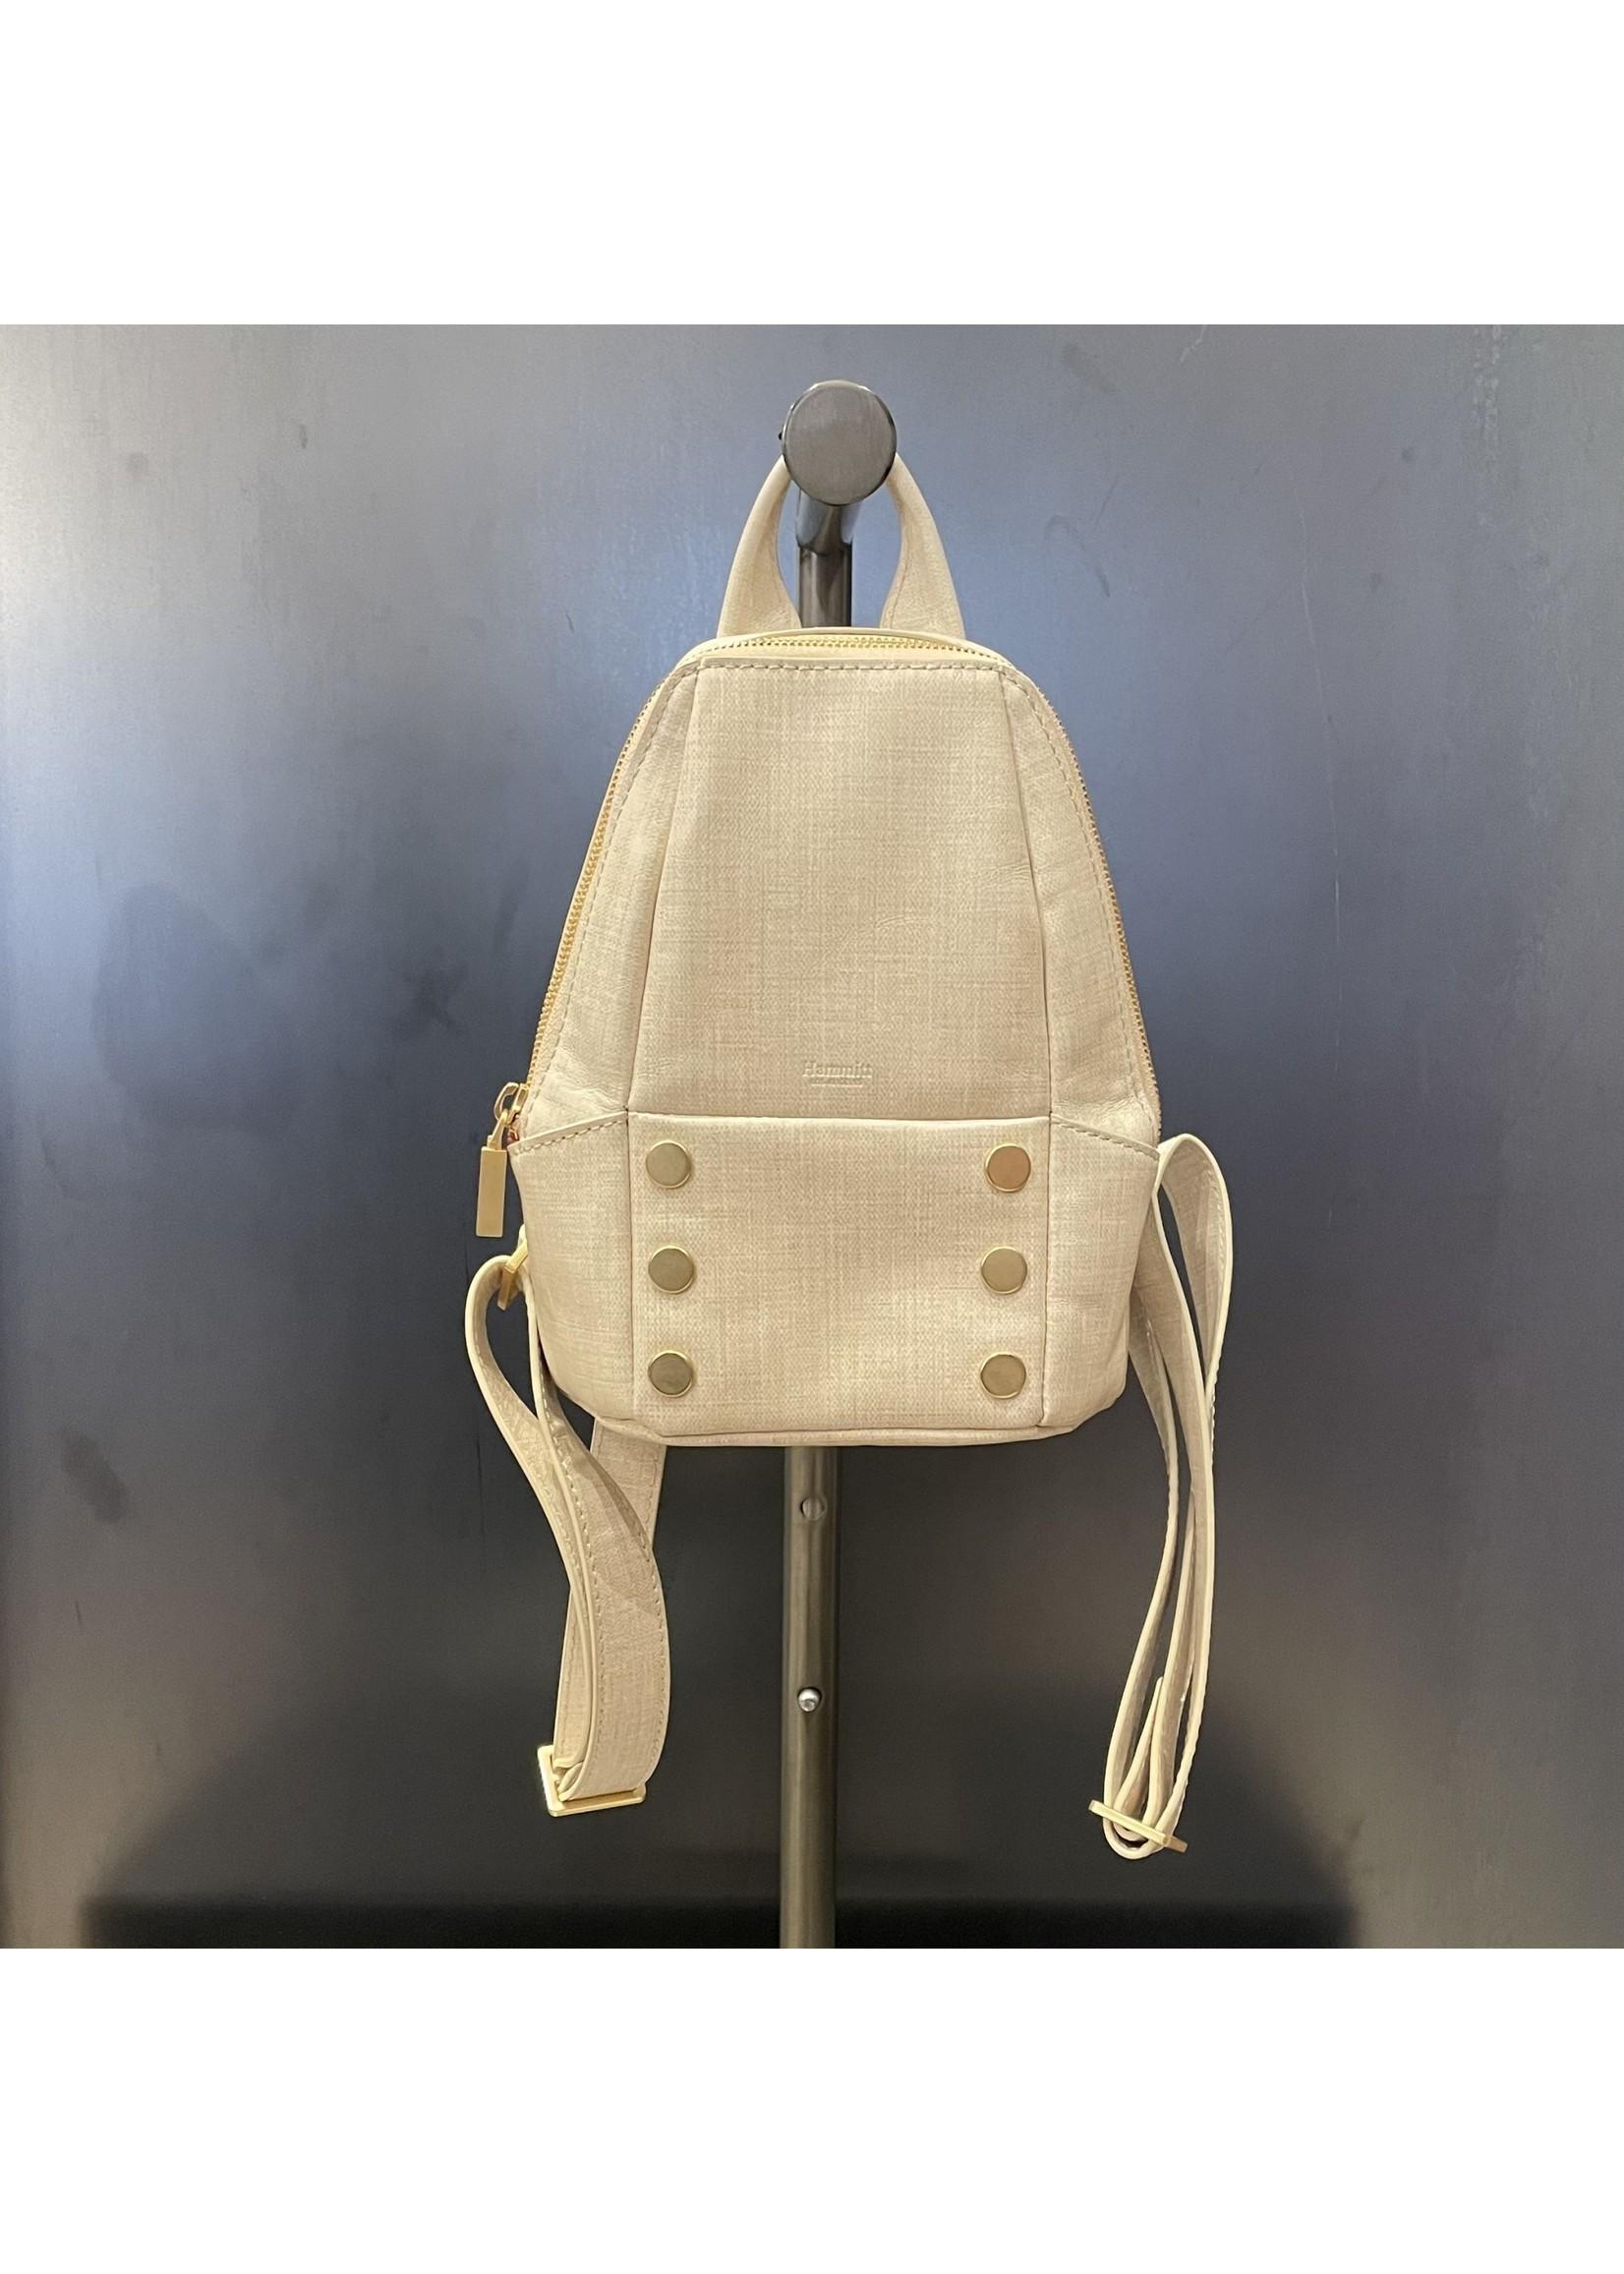 Hammitt Hammitt Hunter Small Handbag